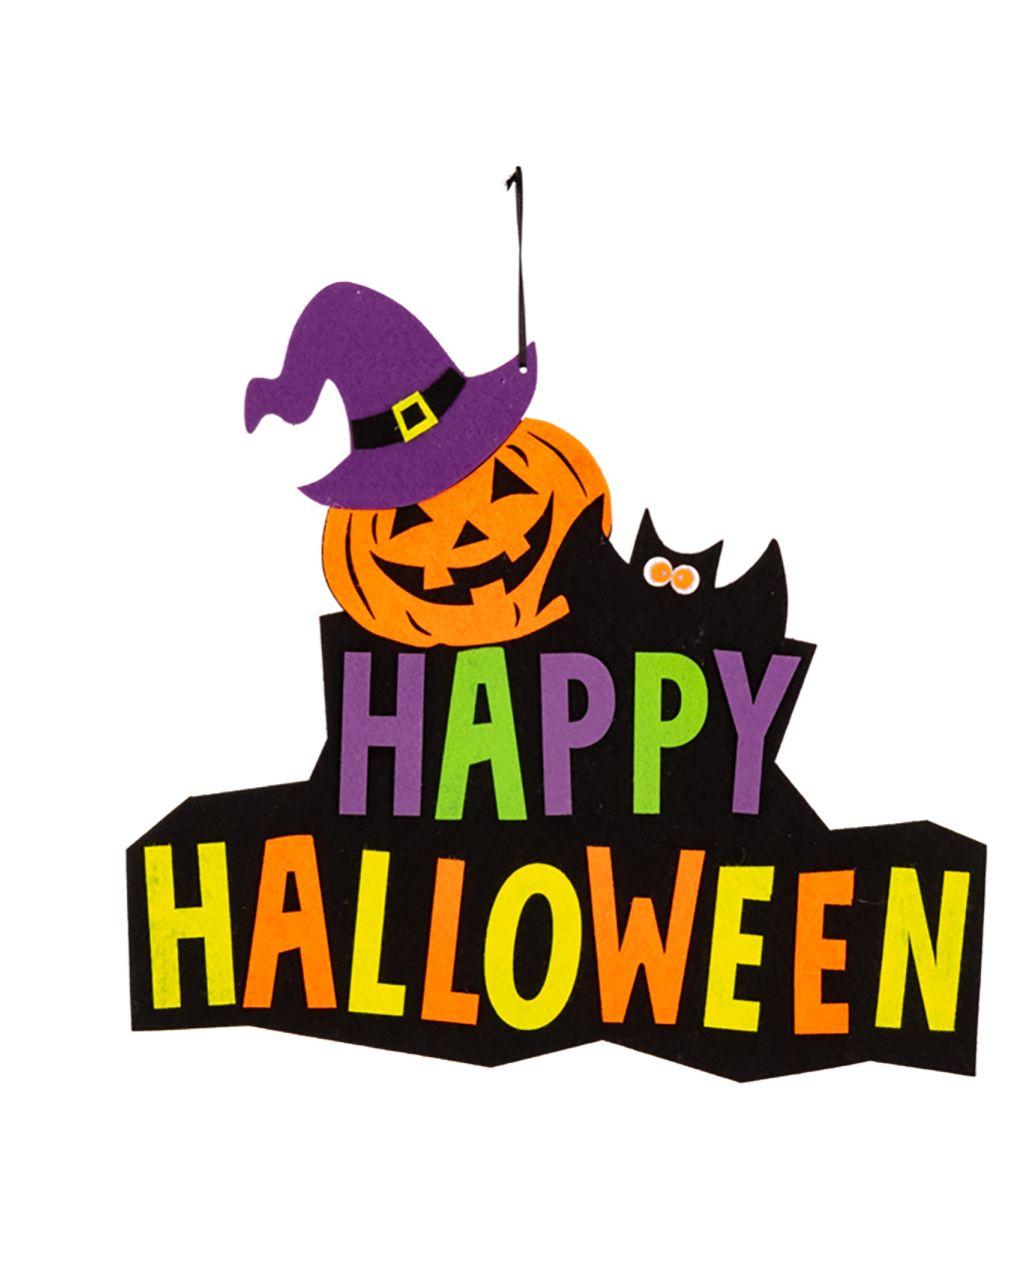 Decorazione happy halloween in feltro d'appendere - Carnival Toys